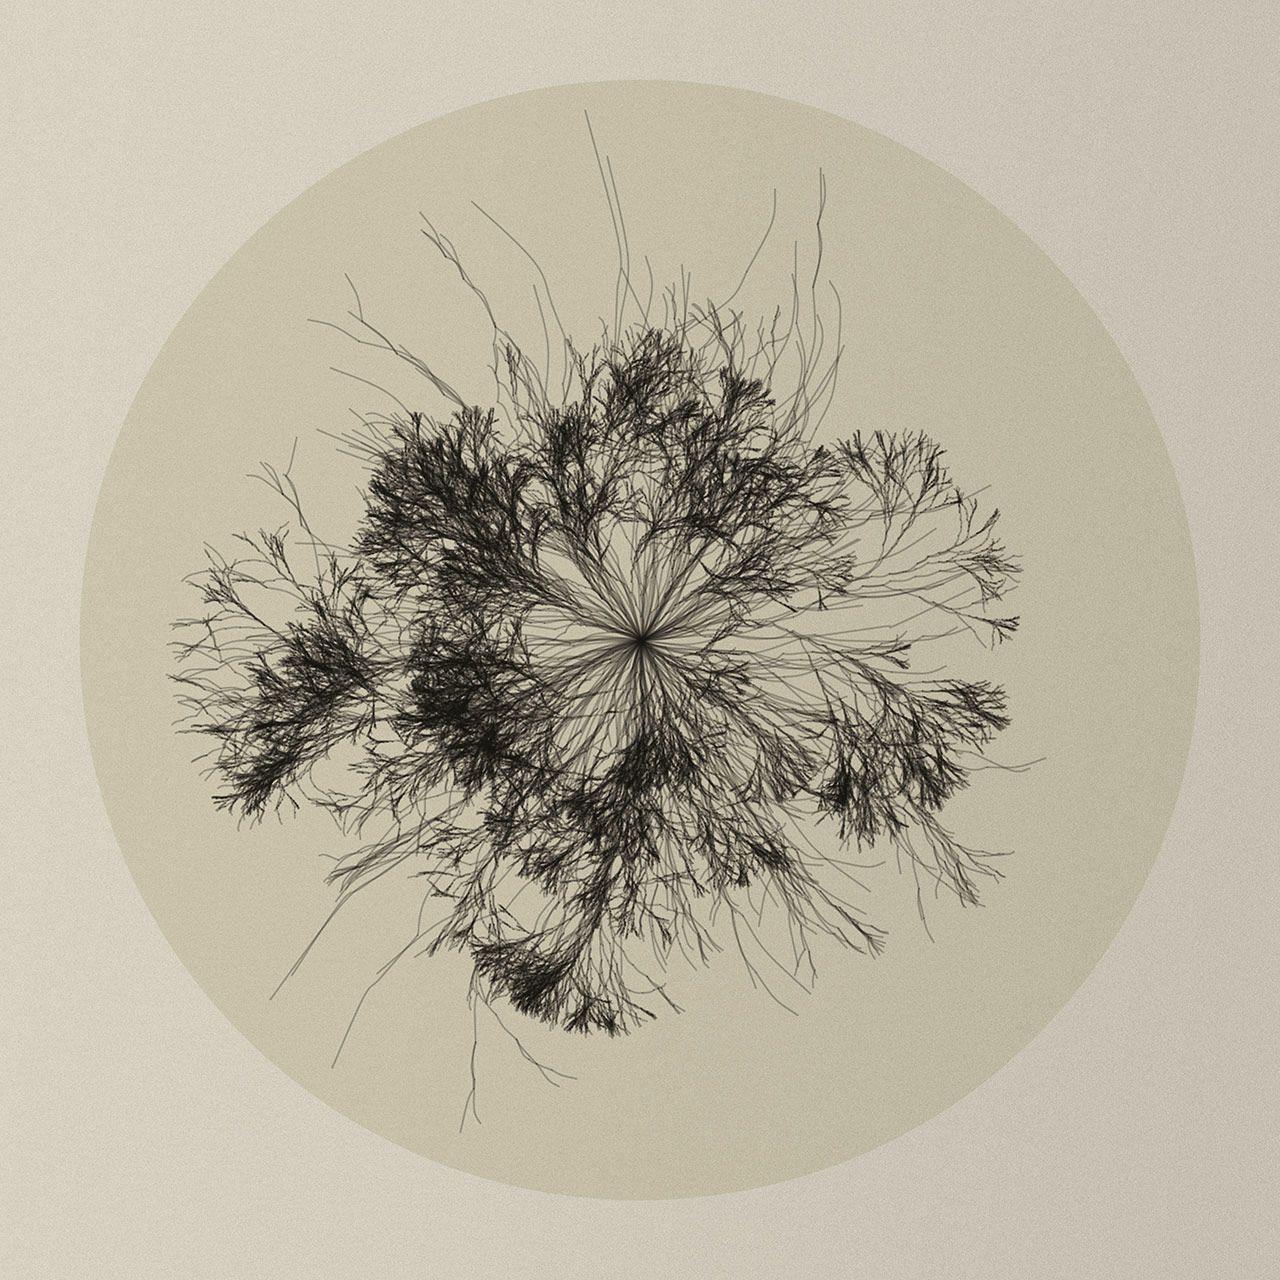 """Bereits der Titel """"Nature of Code"""" verrät viel über den Inhalt des Projektes: """"Nature"""" bedarf eigentlich keine Erklärung; es geht offensichtlich um Pflanzen, Tiere oder Ähnliches. """"Code"""" weist darauf hin, dass das Ganze etwas mit Programmierung zu tun hat. Darüber hinaus gibt es bereits ein gleichnamiges Projekt von Daniel Shiffman, welches eine Sammlung von Programmier-Tutorials ist. Enthalten sind die Schwerpunte Algorithmen, Trigonometrie, Fraktale und Rekursion, Physik und anderen…"""